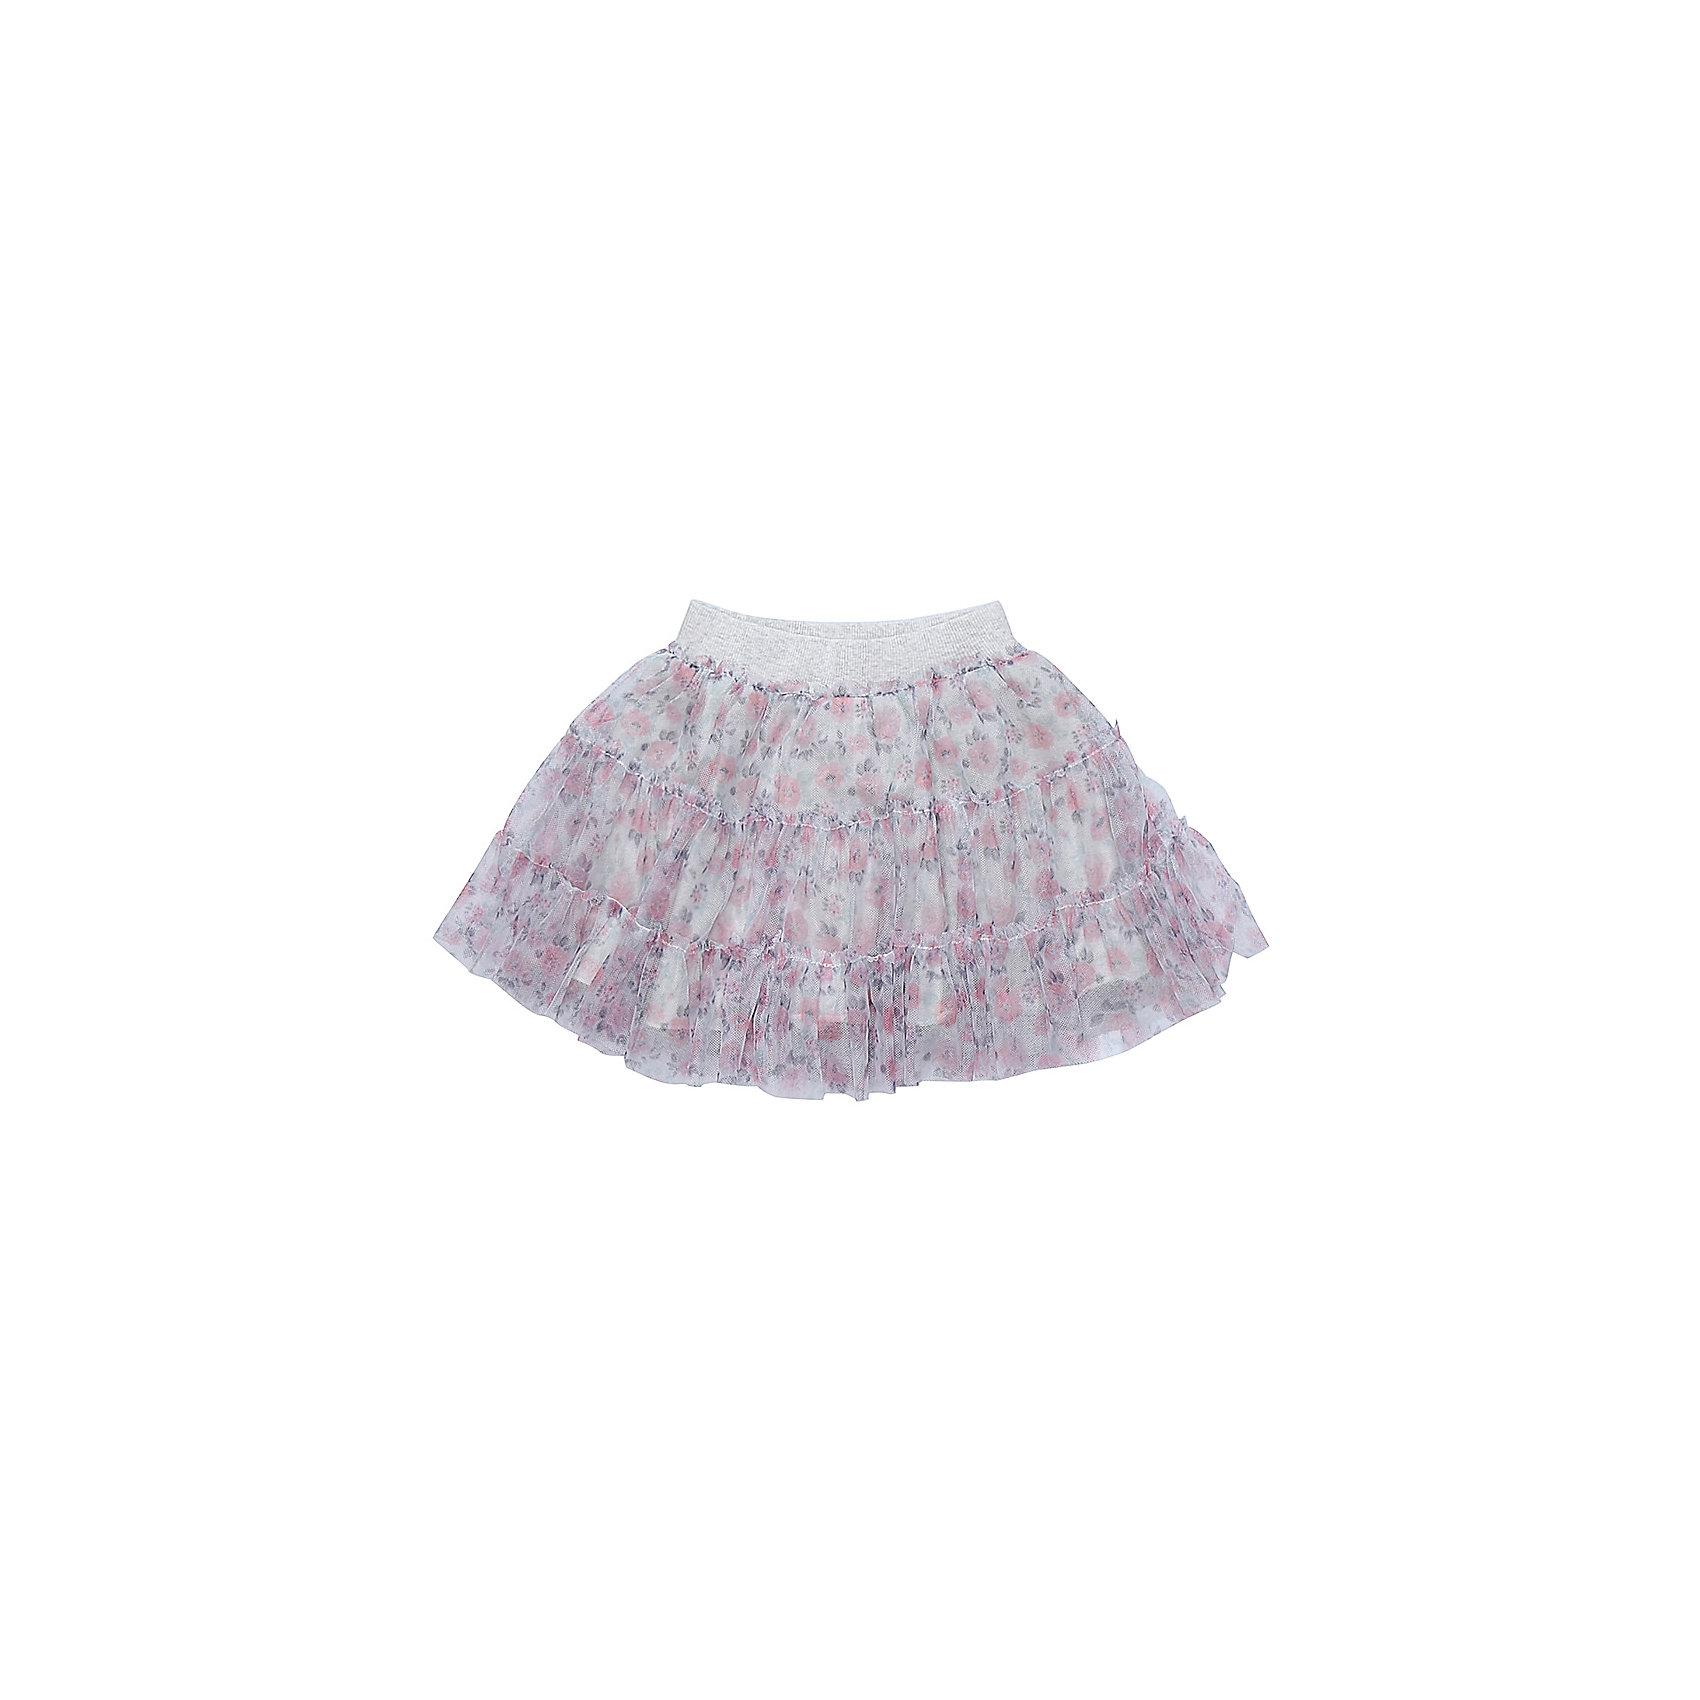 Юбка Sweet Berry для девочкиЮбки<br>Юбка Sweet Berry для девочки<br>Трикотажная юбка для девочки из фатина декорированная цветочным принтом. Хлопковаяй подкладка, широкий эластичный пояс.<br>Состав:<br>Верх: 100% полиэстер Подкладка: 95% хлопок, 5% эластан<br><br>Ширина мм: 207<br>Глубина мм: 10<br>Высота мм: 189<br>Вес г: 183<br>Цвет: серый<br>Возраст от месяцев: 24<br>Возраст до месяцев: 36<br>Пол: Женский<br>Возраст: Детский<br>Размер: 98,86,80,92<br>SKU: 7094493